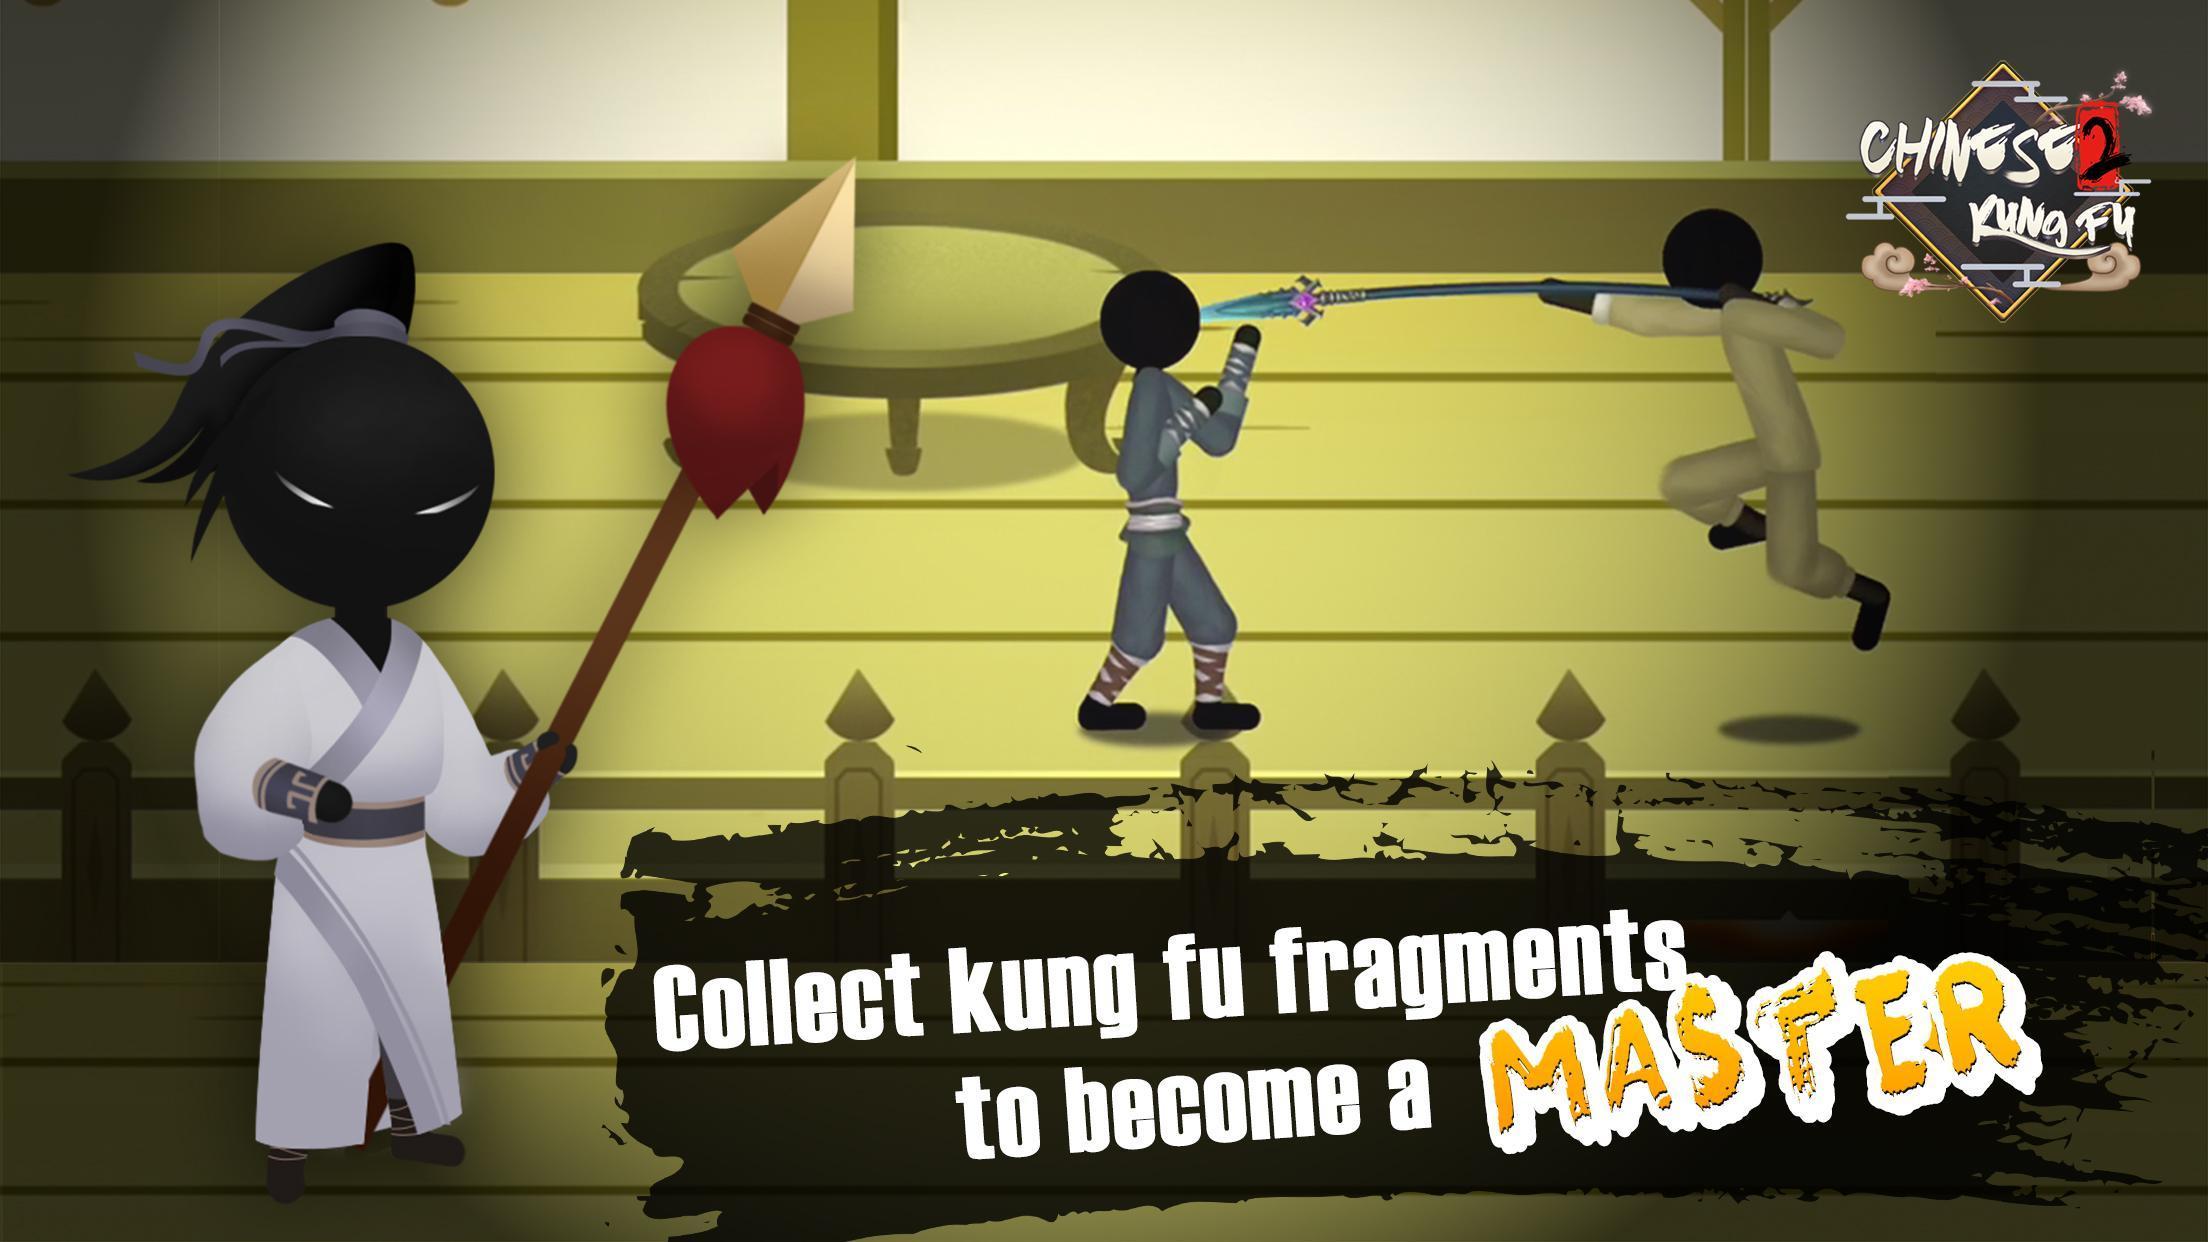 Chinese Kungfu 3.2.1 Screenshot 12